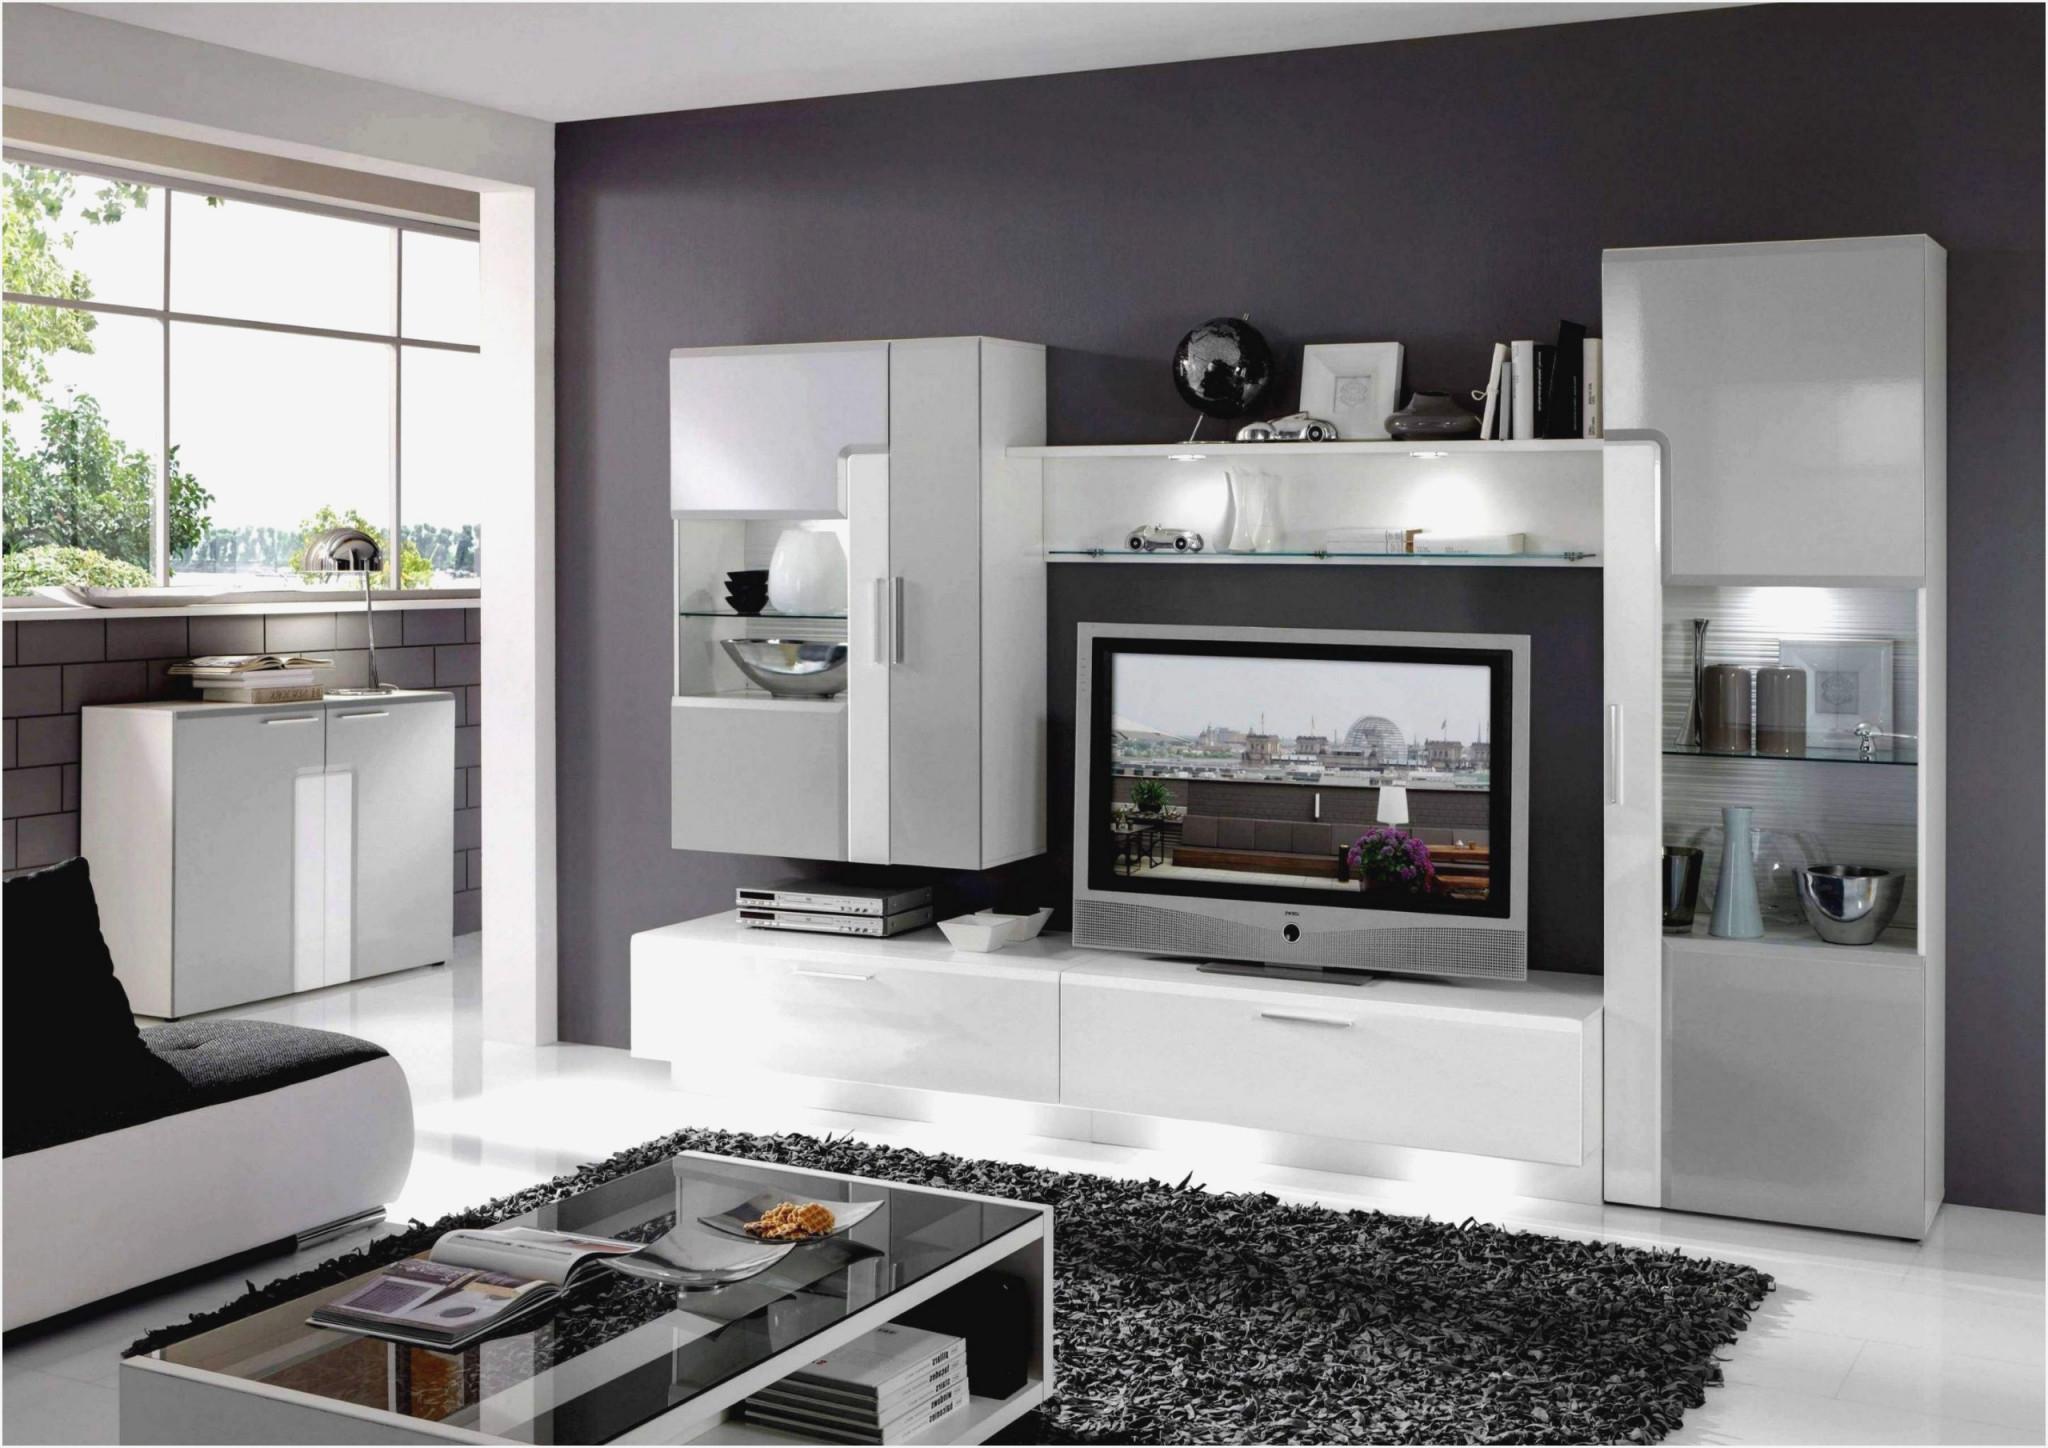 Wohnzimmer Wand Mit Farbe Und Bilder Gestalten  Wohnzimmer von Wohnzimmer Farbig Gestalten Bild